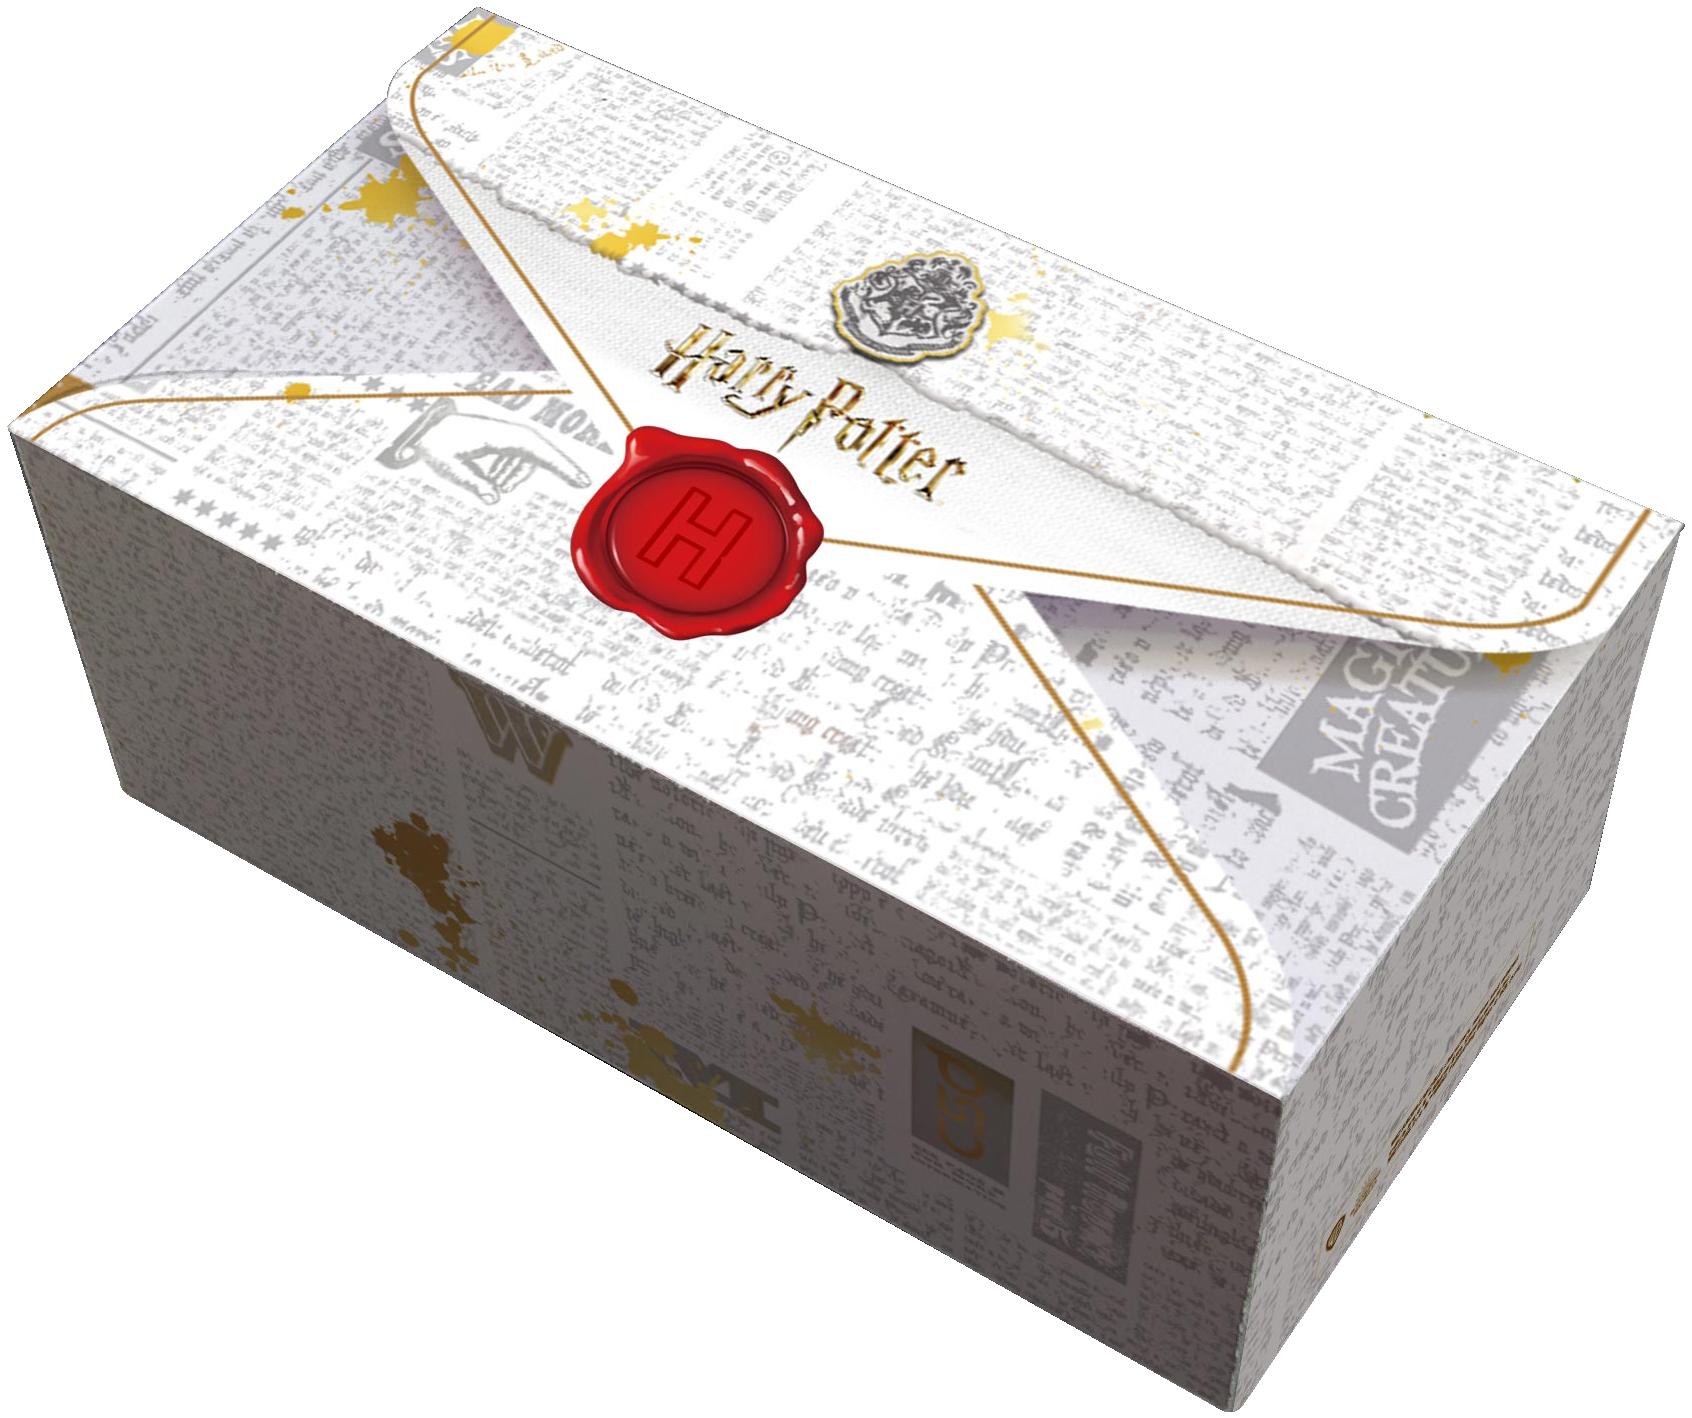 【必入手】台灣推哈利波特口罩 包裝盒猶如霍格華茲入學通知!